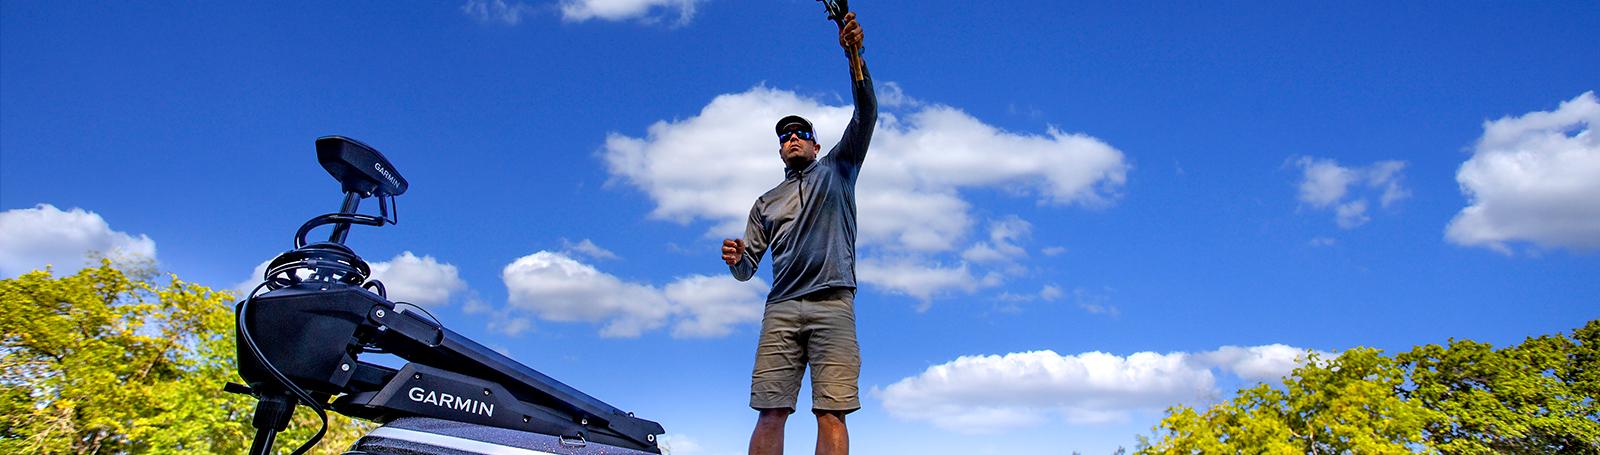 Lleva la pesca a un nuevo nivel.